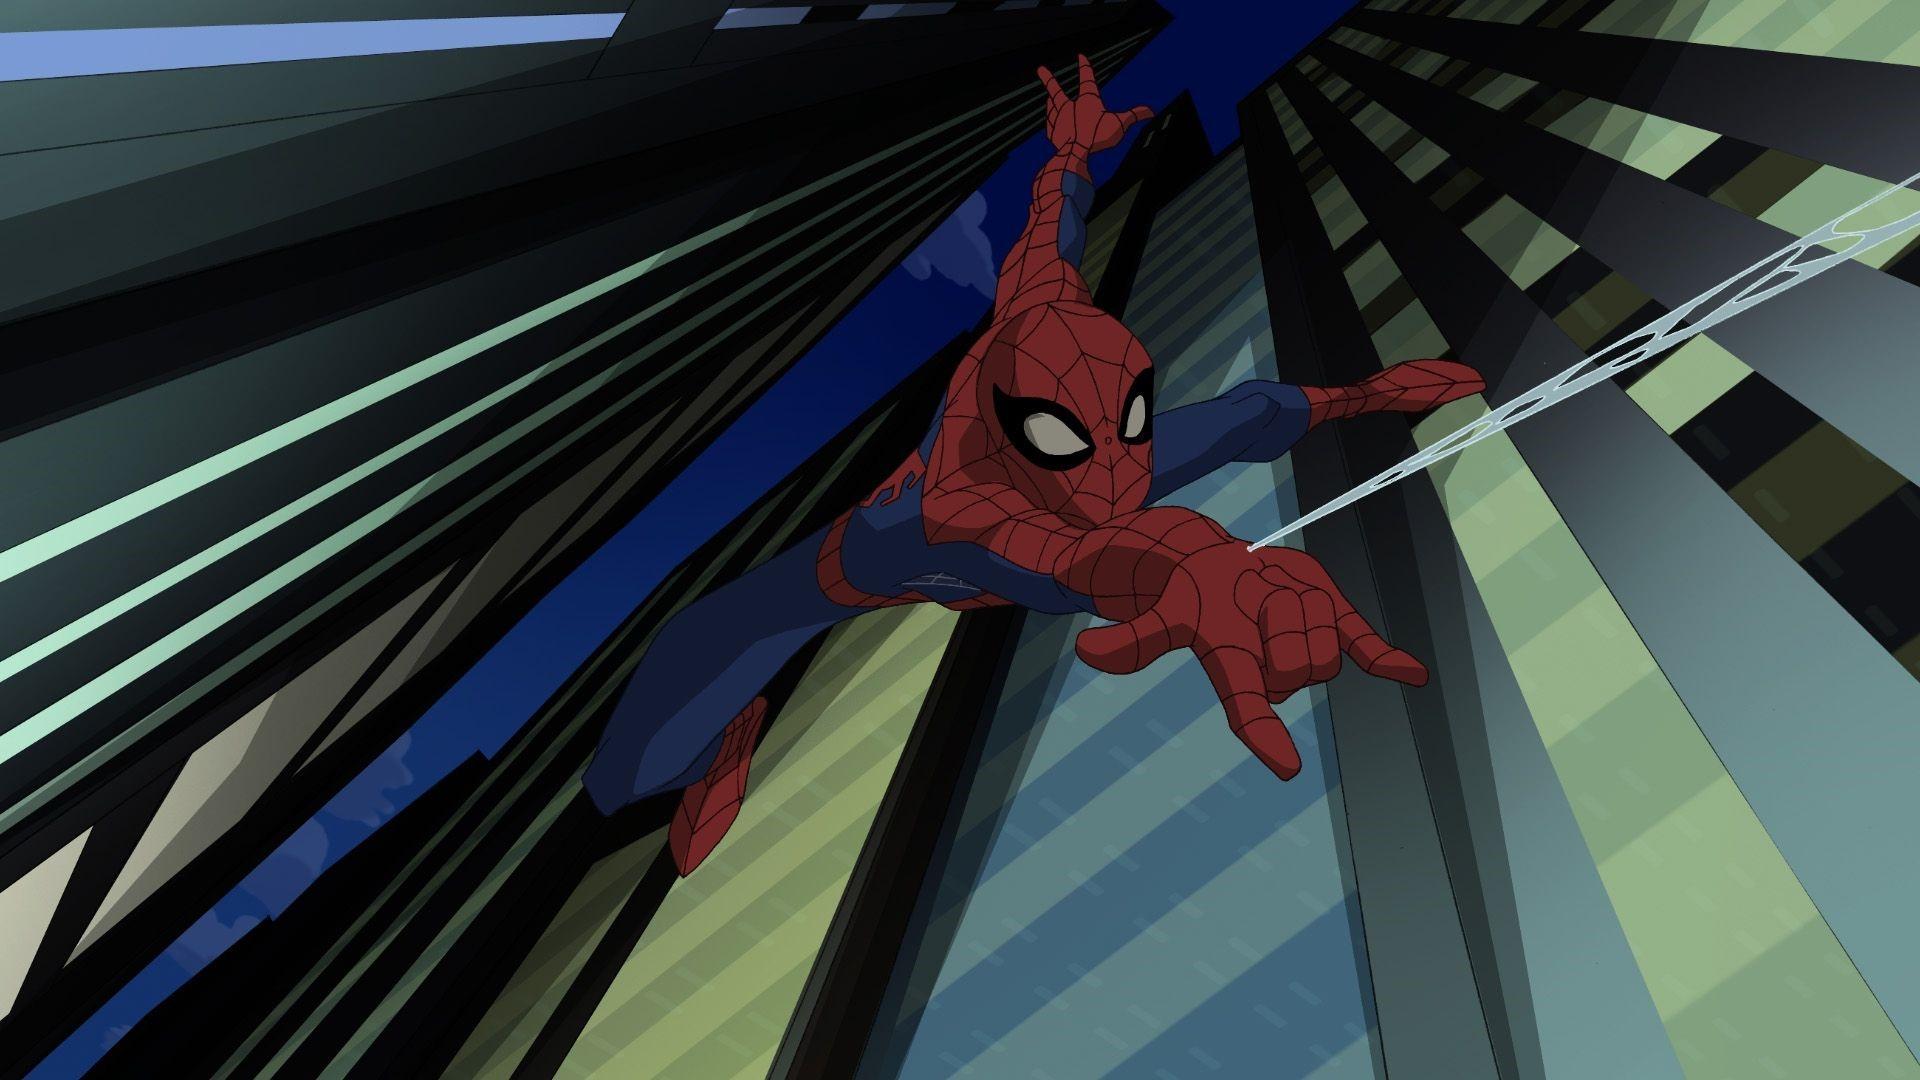 Spider Man Windows Background